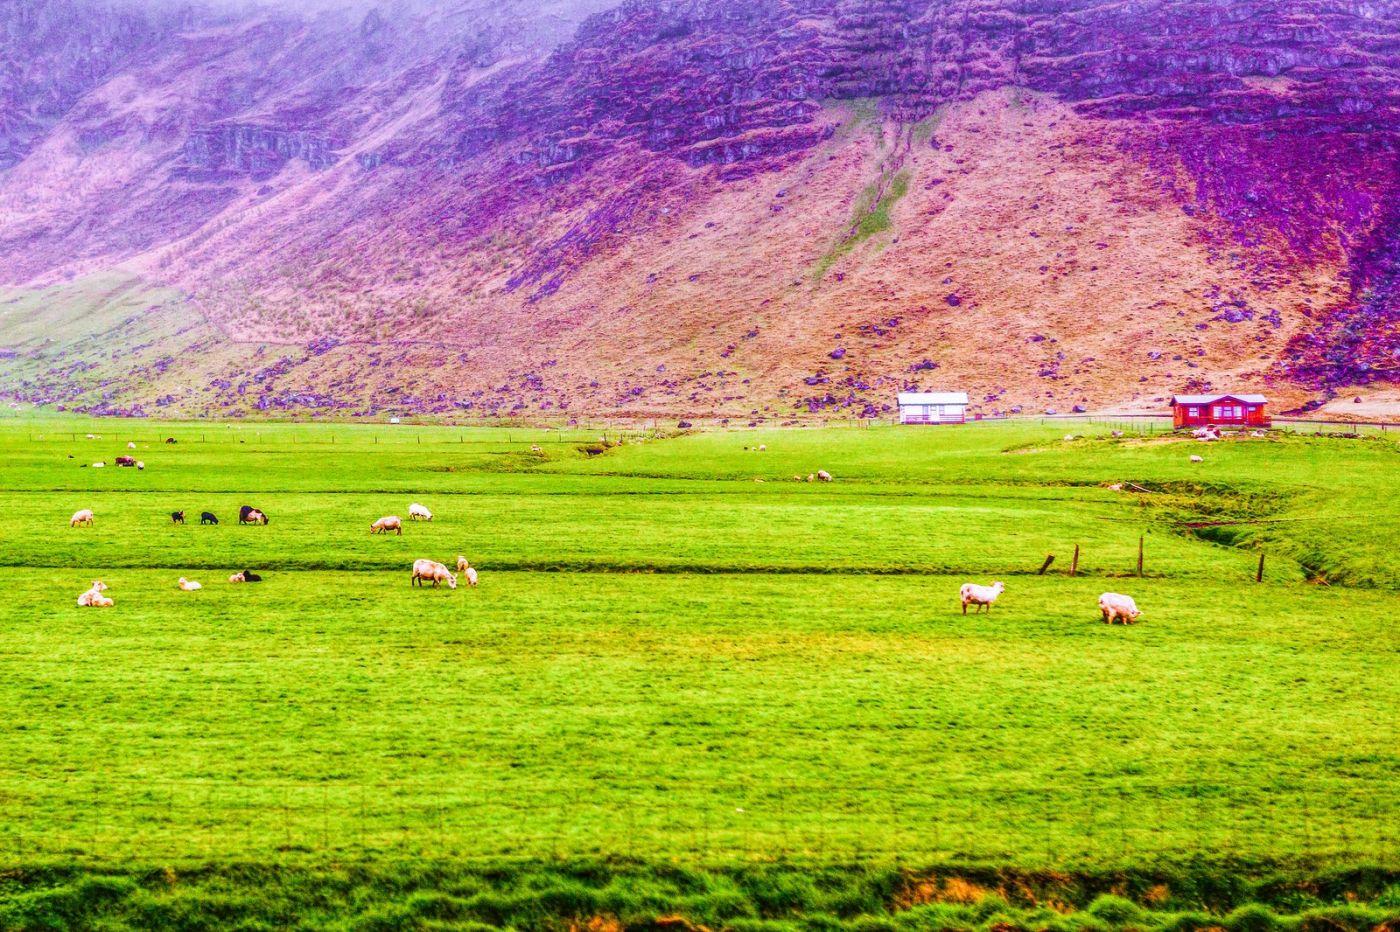 冰岛风采,大山民舍羊群_图1-24